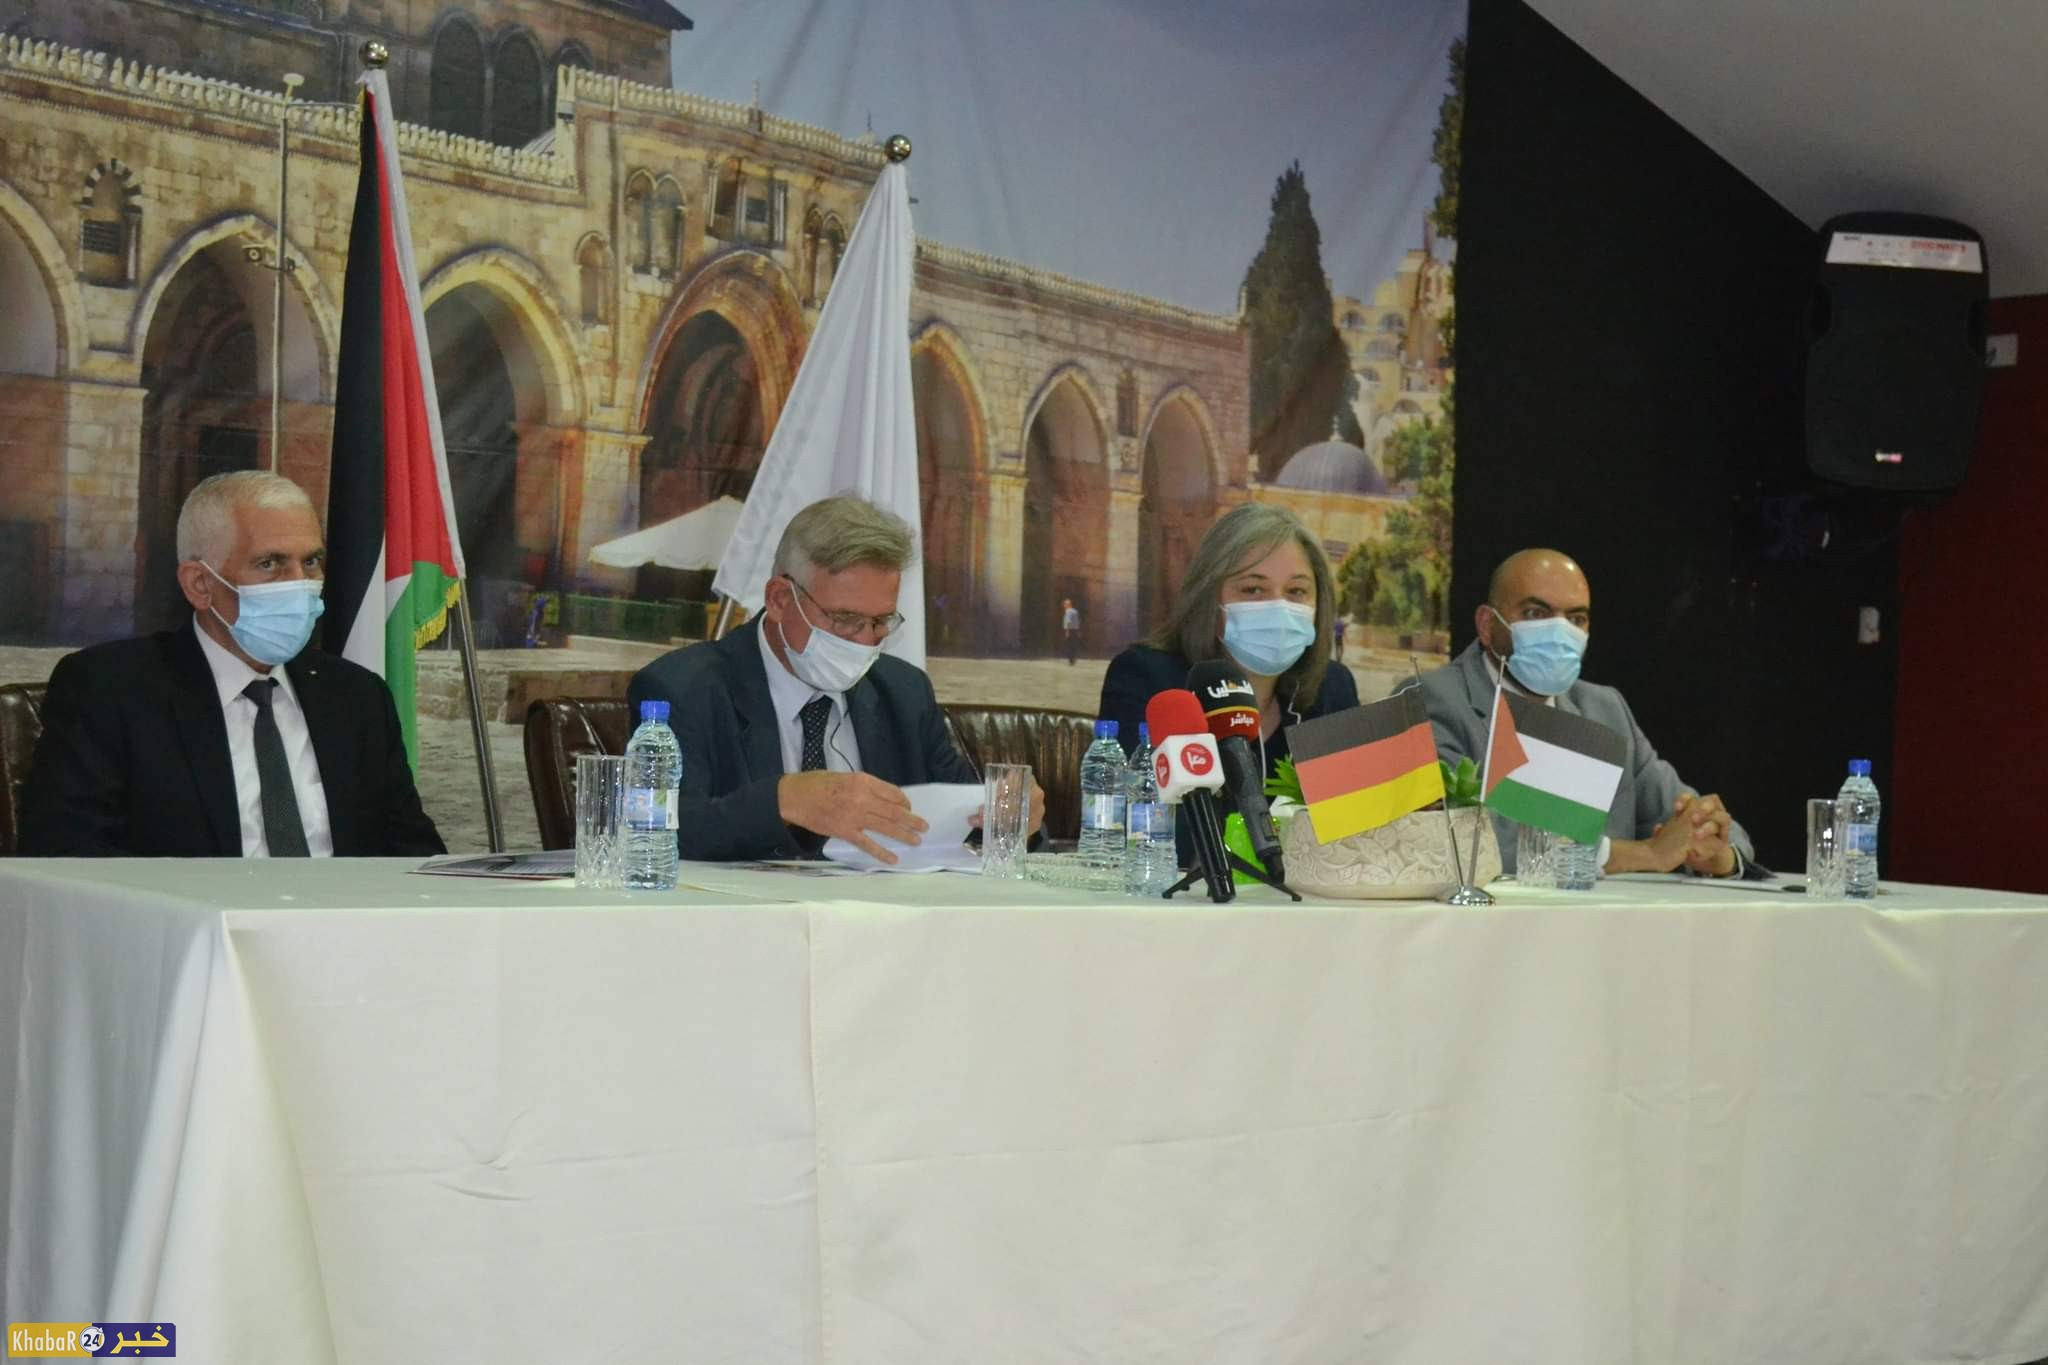 وزارة السياحة تطلق مشروعين لدعم القطاع السياحي وإعادة تفعيله